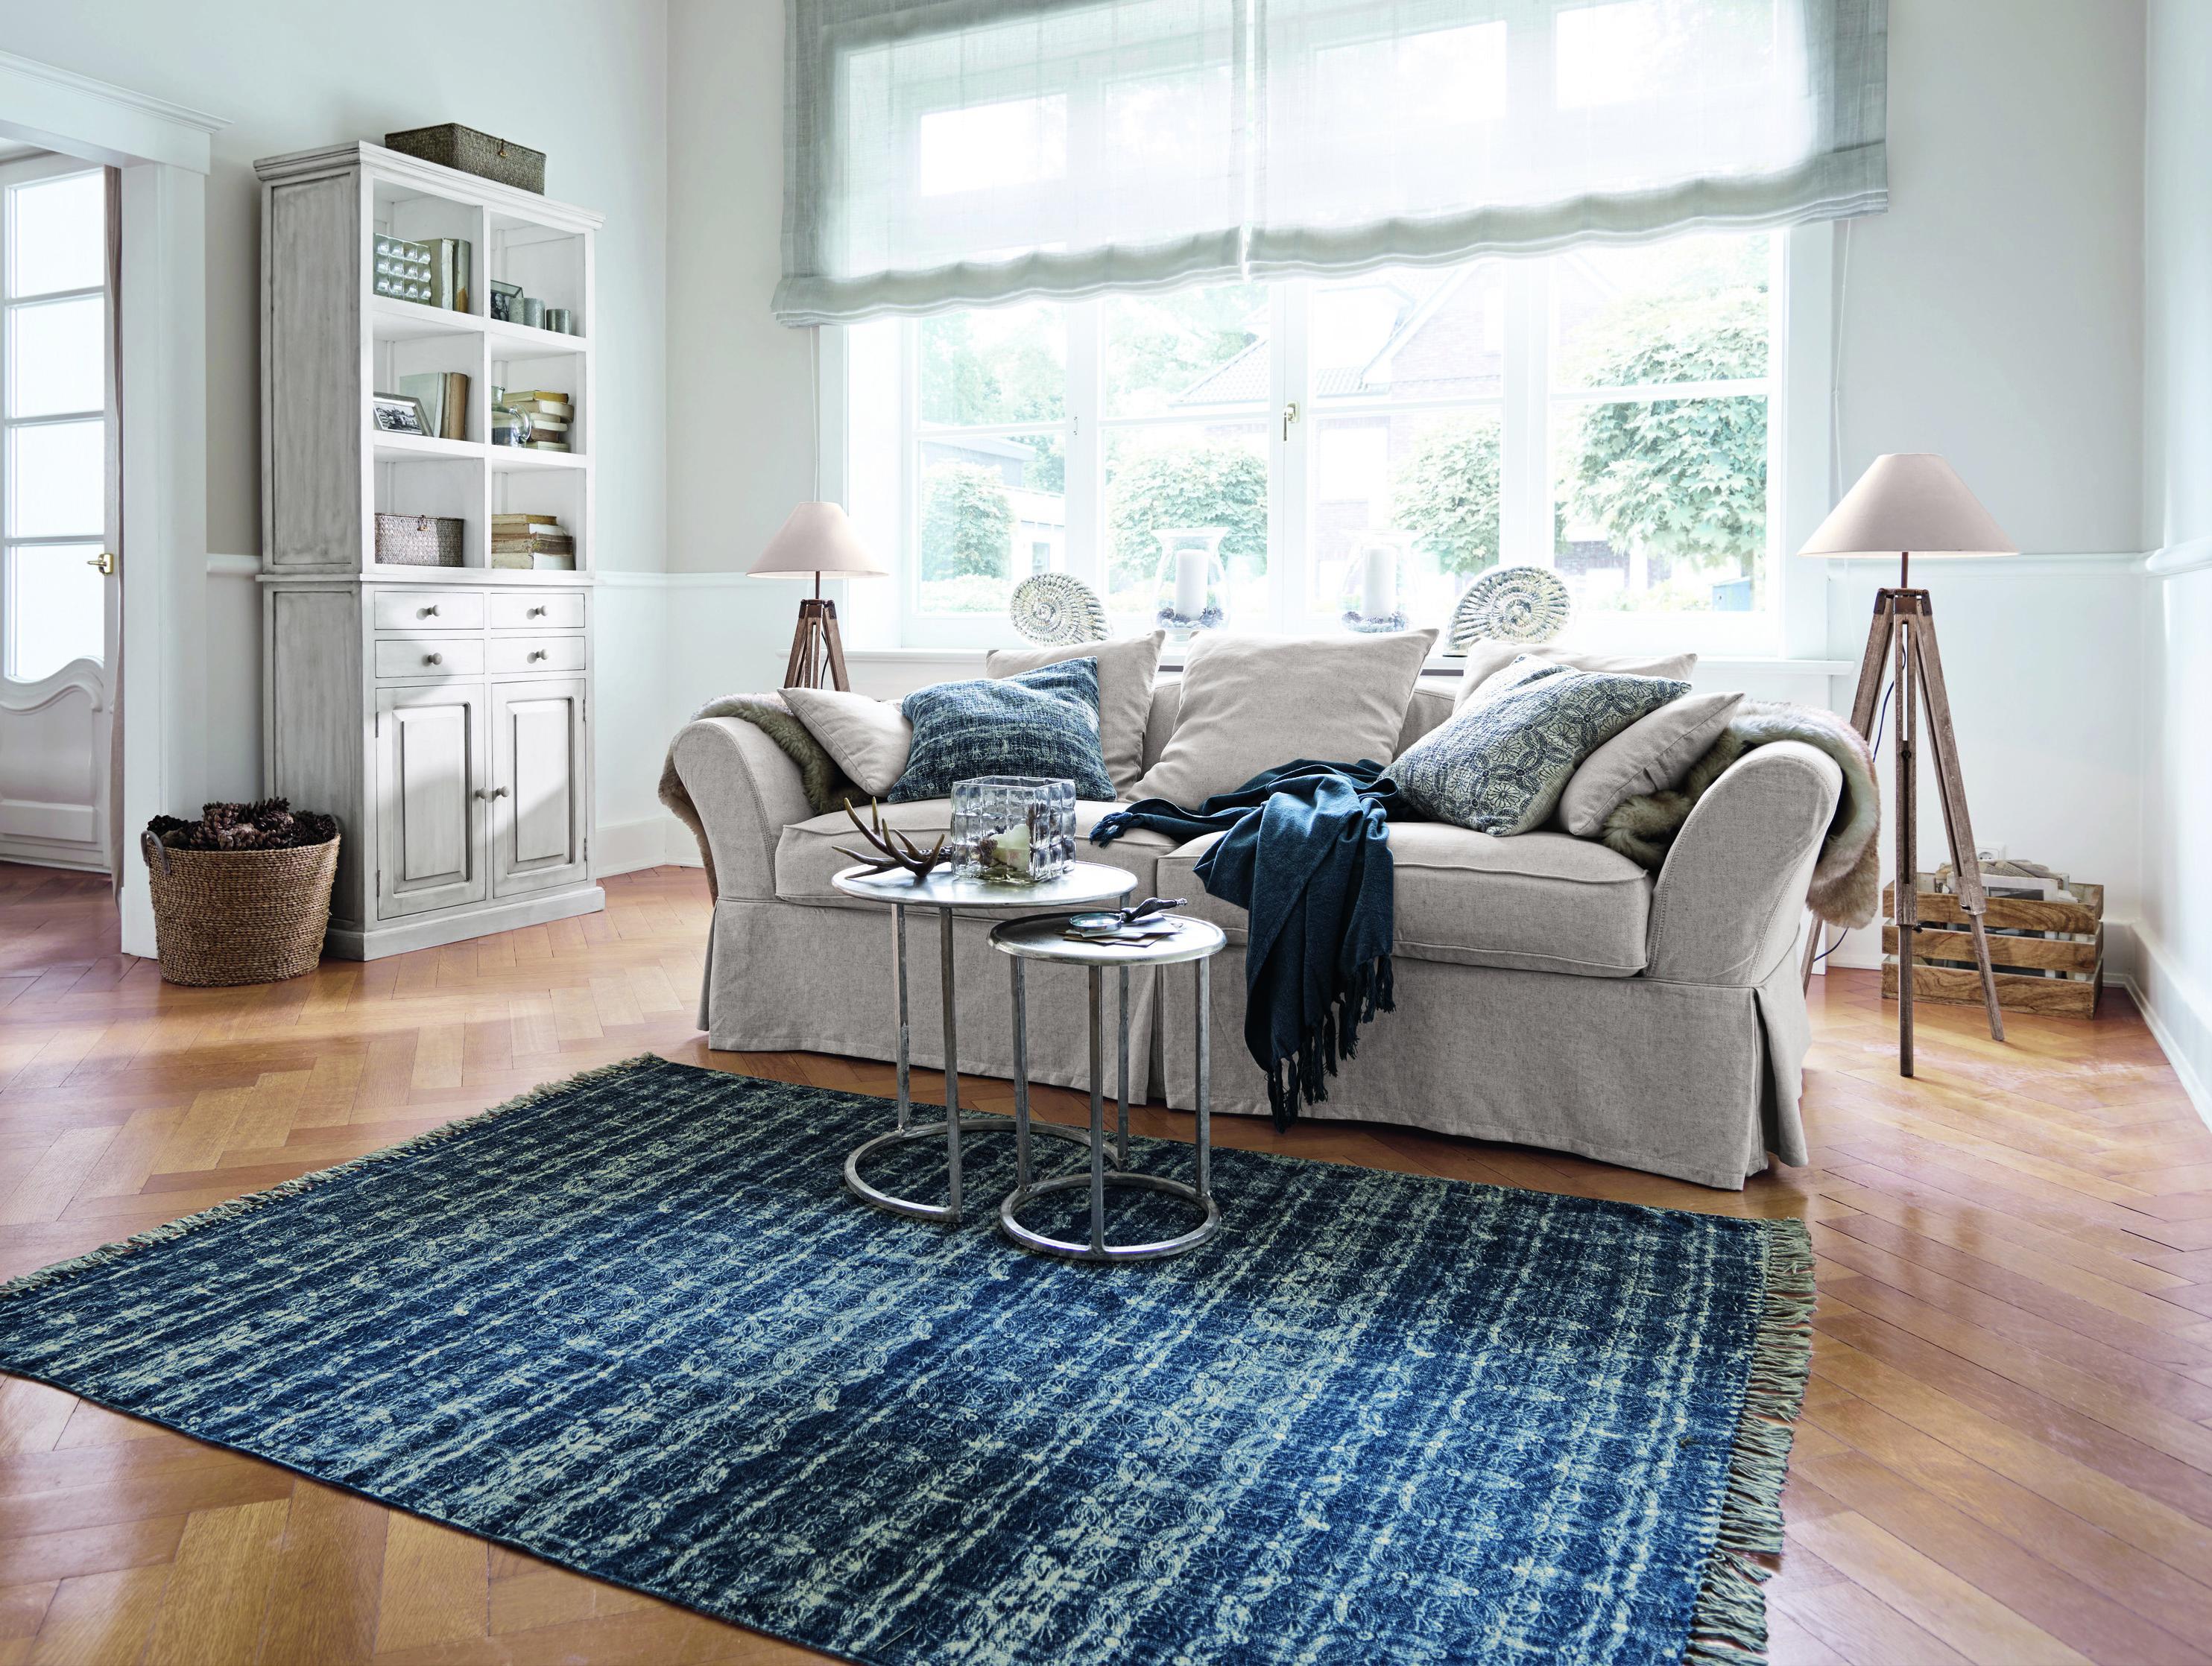 Landhausstil bilder ideen couchstyle - Teppich landhausstil ...